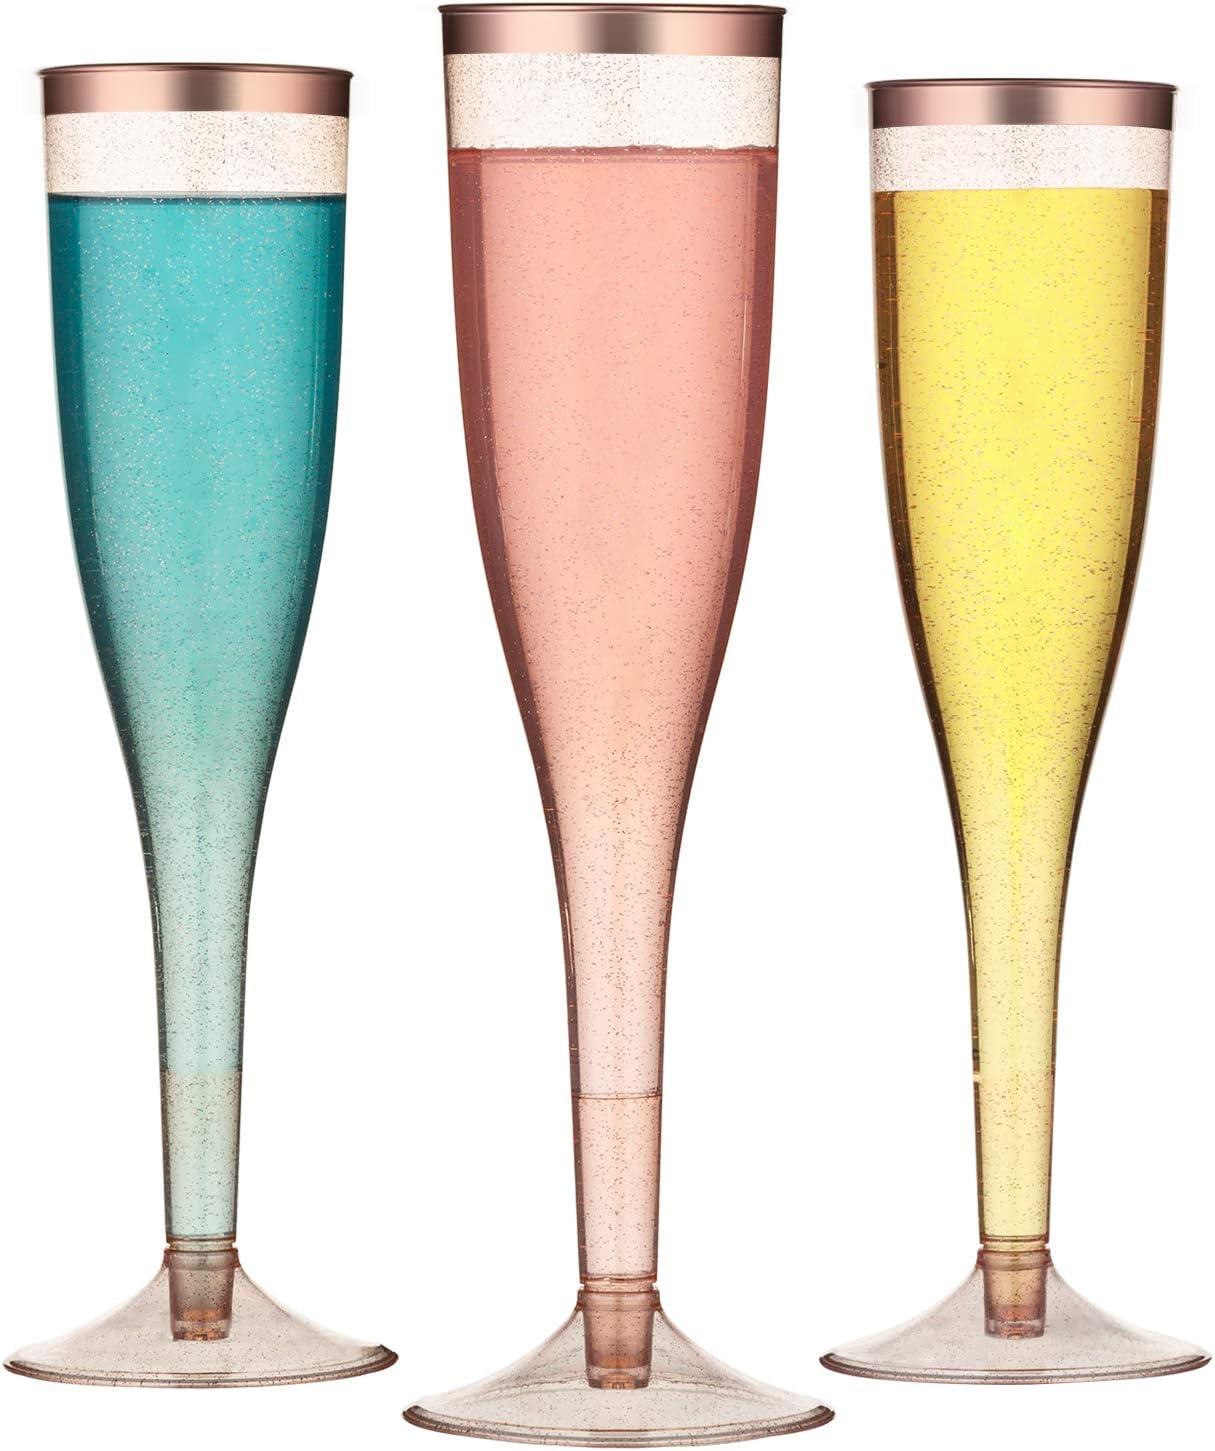 TOROTON 30 Flautas de Champ/án de Pl/ástico Vasos Alargadas Champagne para Fiestas Cumplea/ños Boda Oro Rosa Bordeado 162ml Reutilizables Transparente Copas de Champ/án